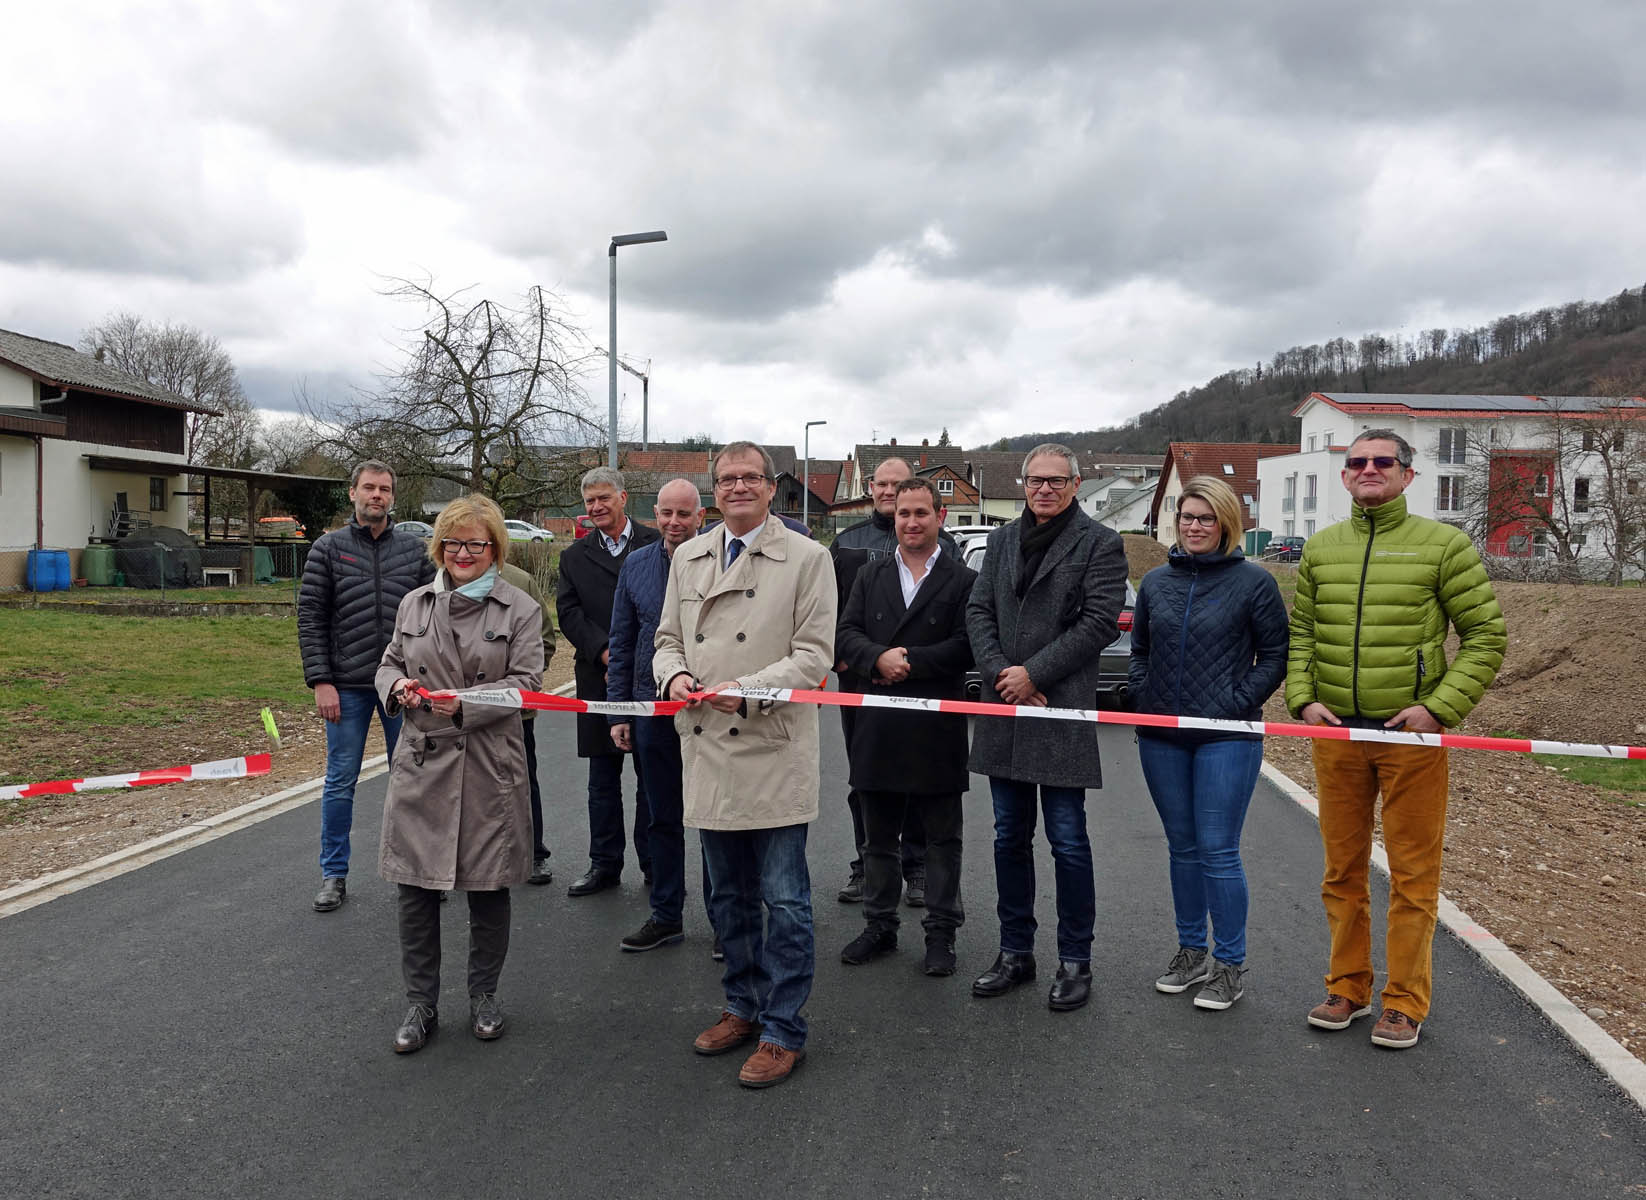 """Oberbürgermeister Klaus Eberhardt (Mitte) und Ortsvorsteherin Sabine Hartmann-Müller (links) eröffneten offiziell das Neubaugebiet """"Kürzeweg"""" in Herten."""